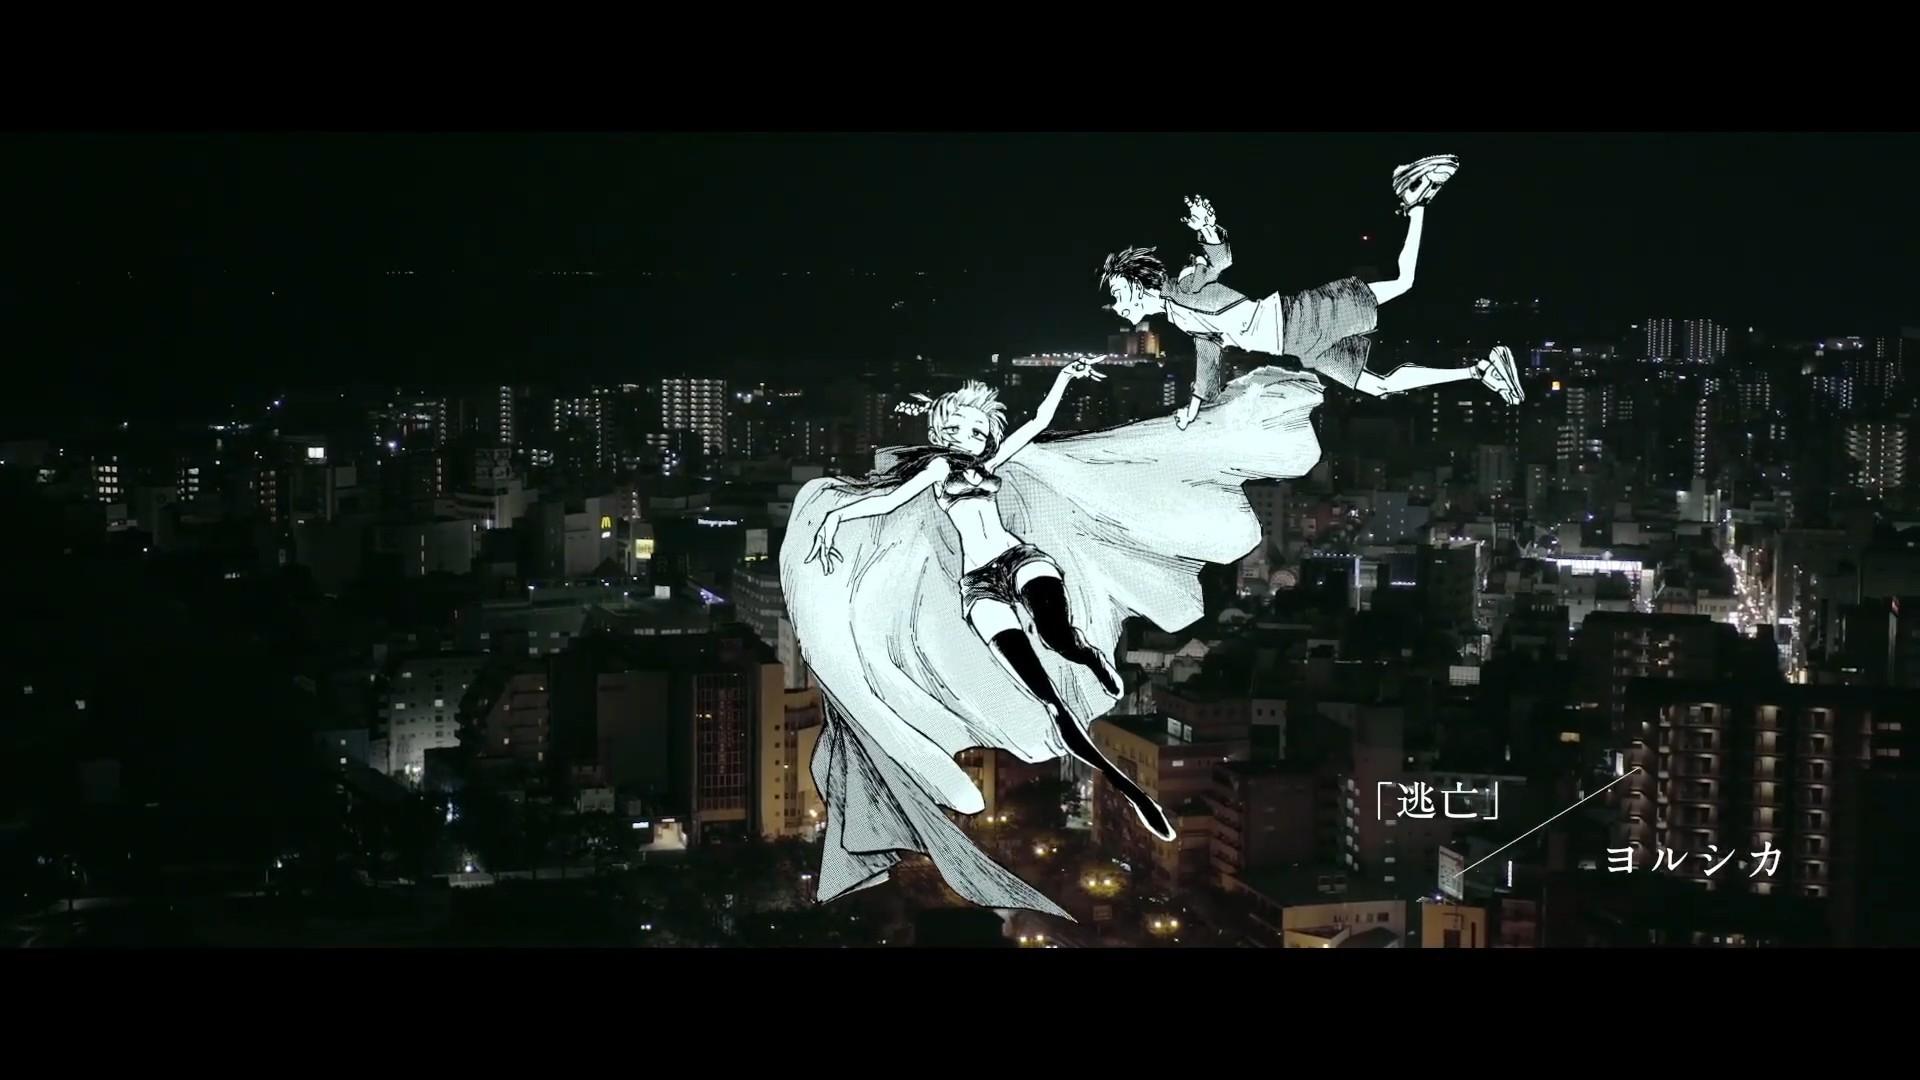 漫画《那徜徉在夜晚的歌声》特别PV发布,在夏夜来一场约会